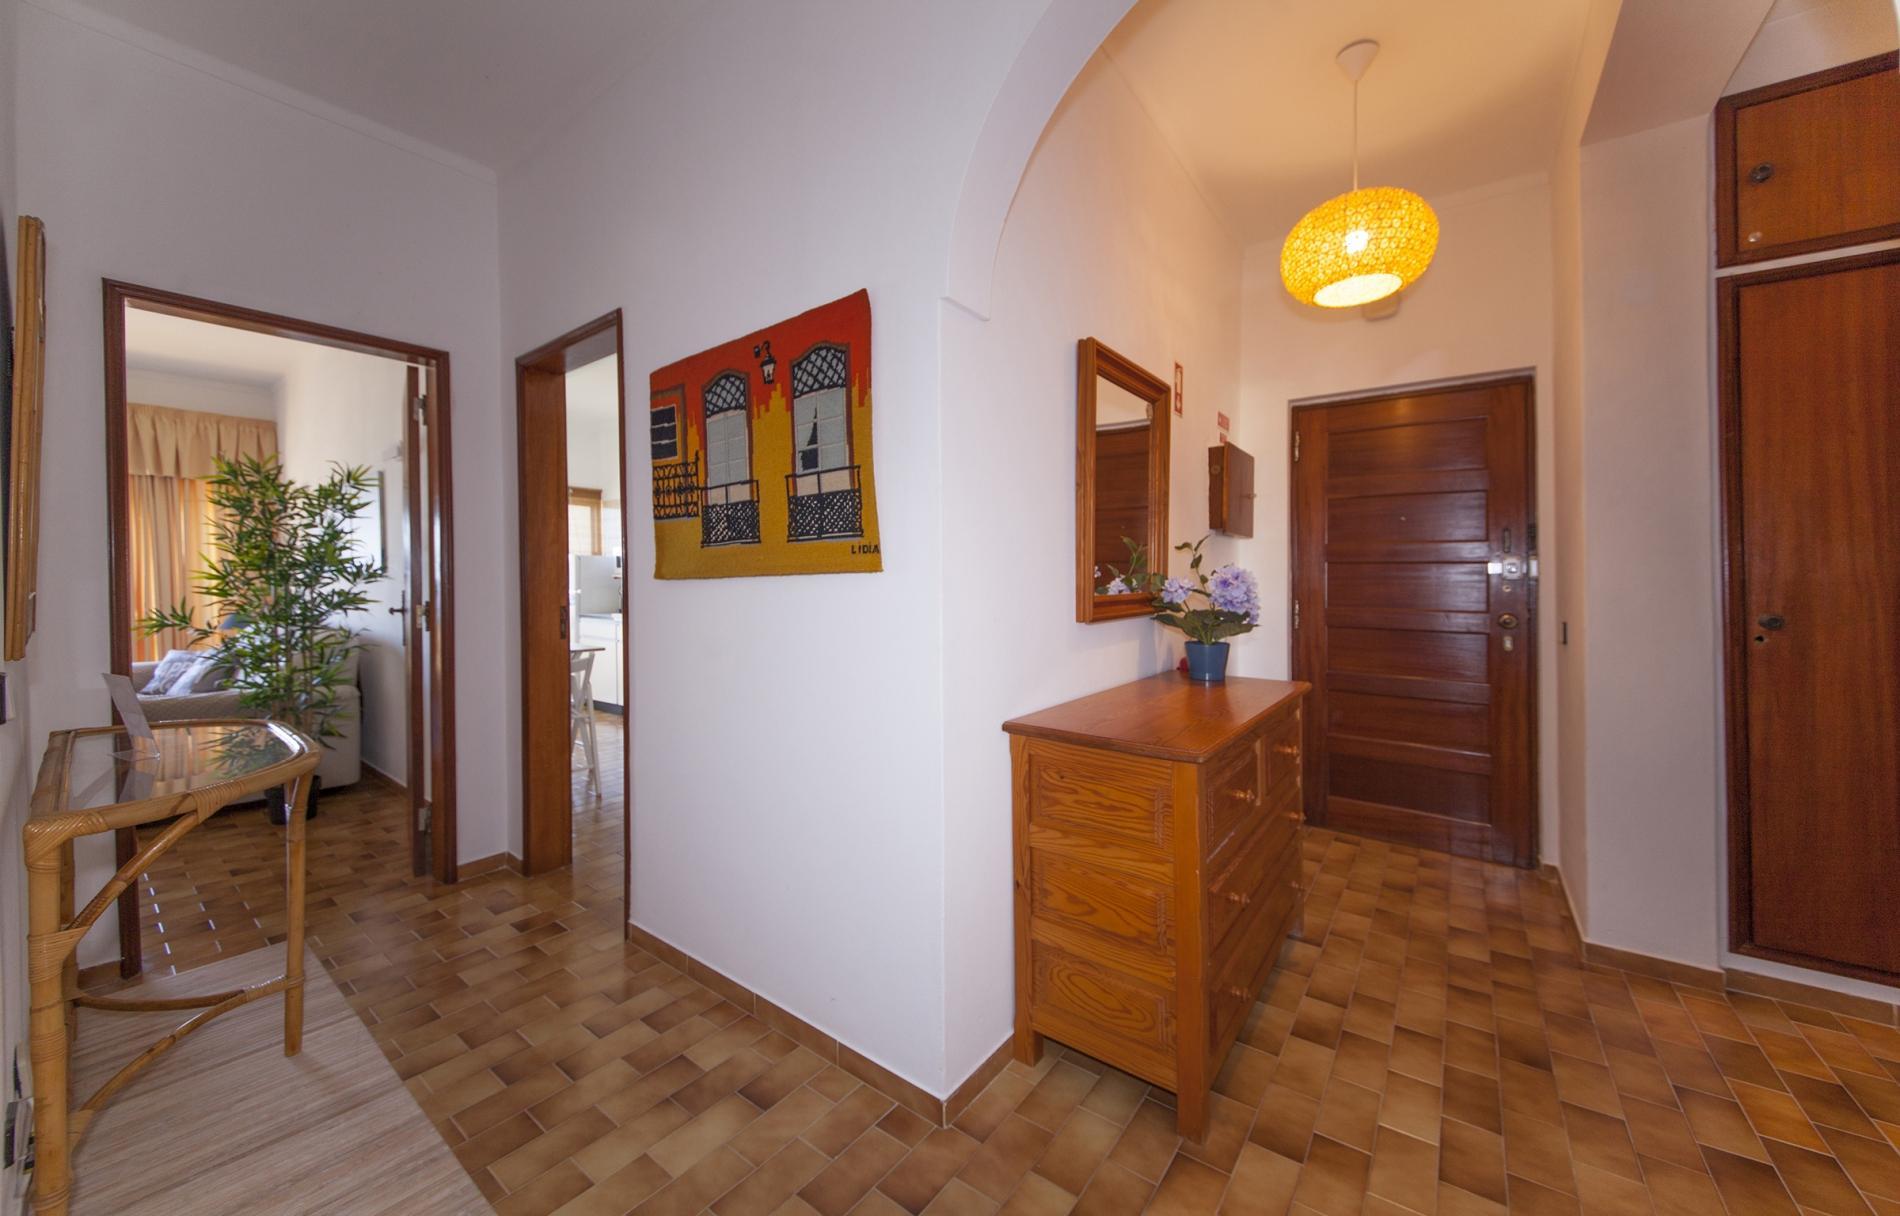 Apartment B43 - Spotless Seaview Apartment photo 22522660